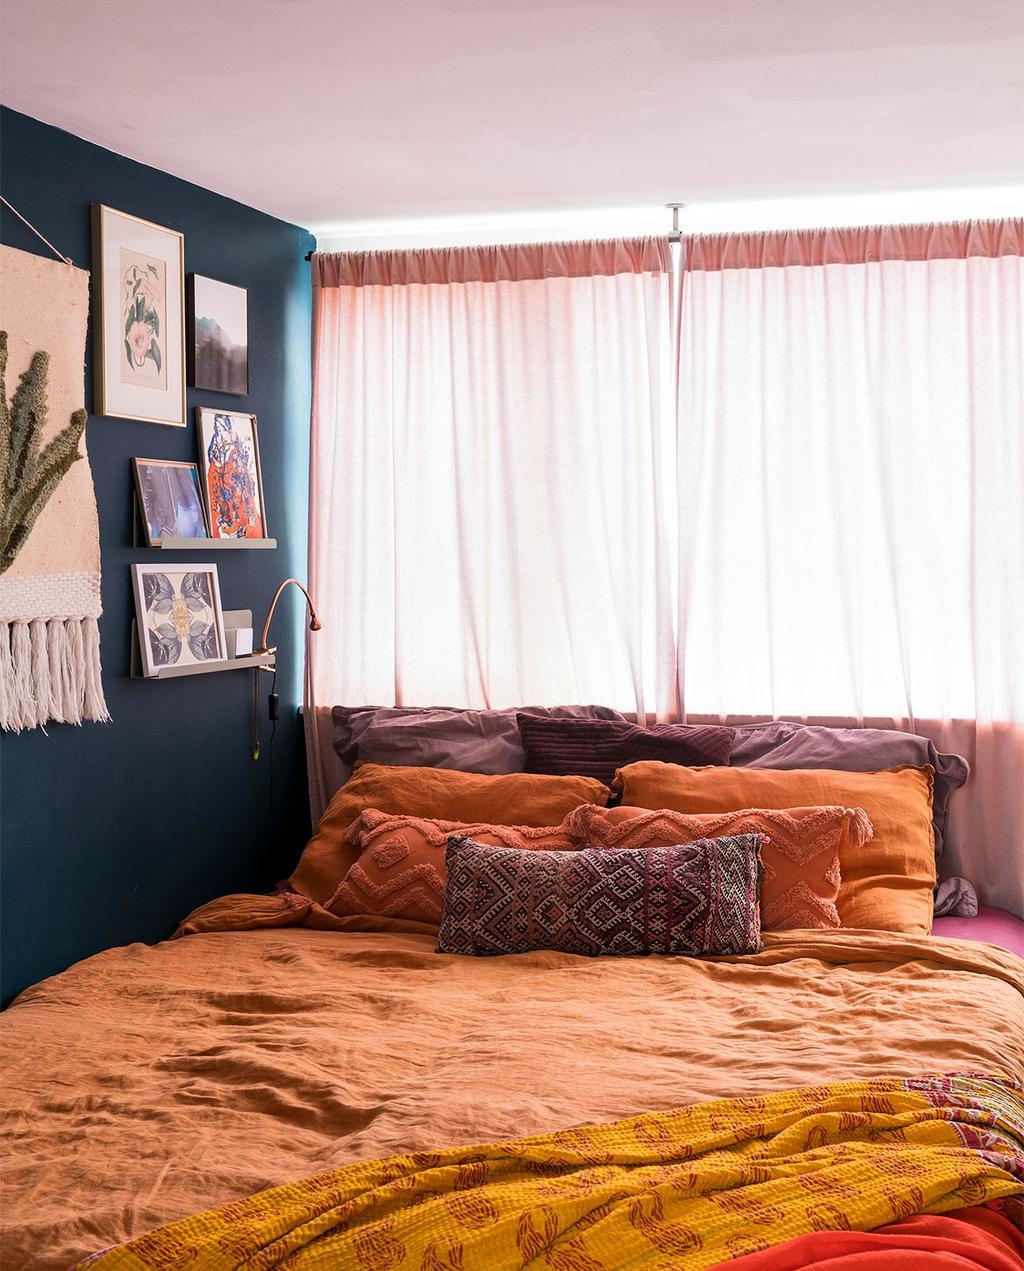 vtwonen 07-2021 | een bed met oranje dekbedovertrek in de slaapkamer van Esther